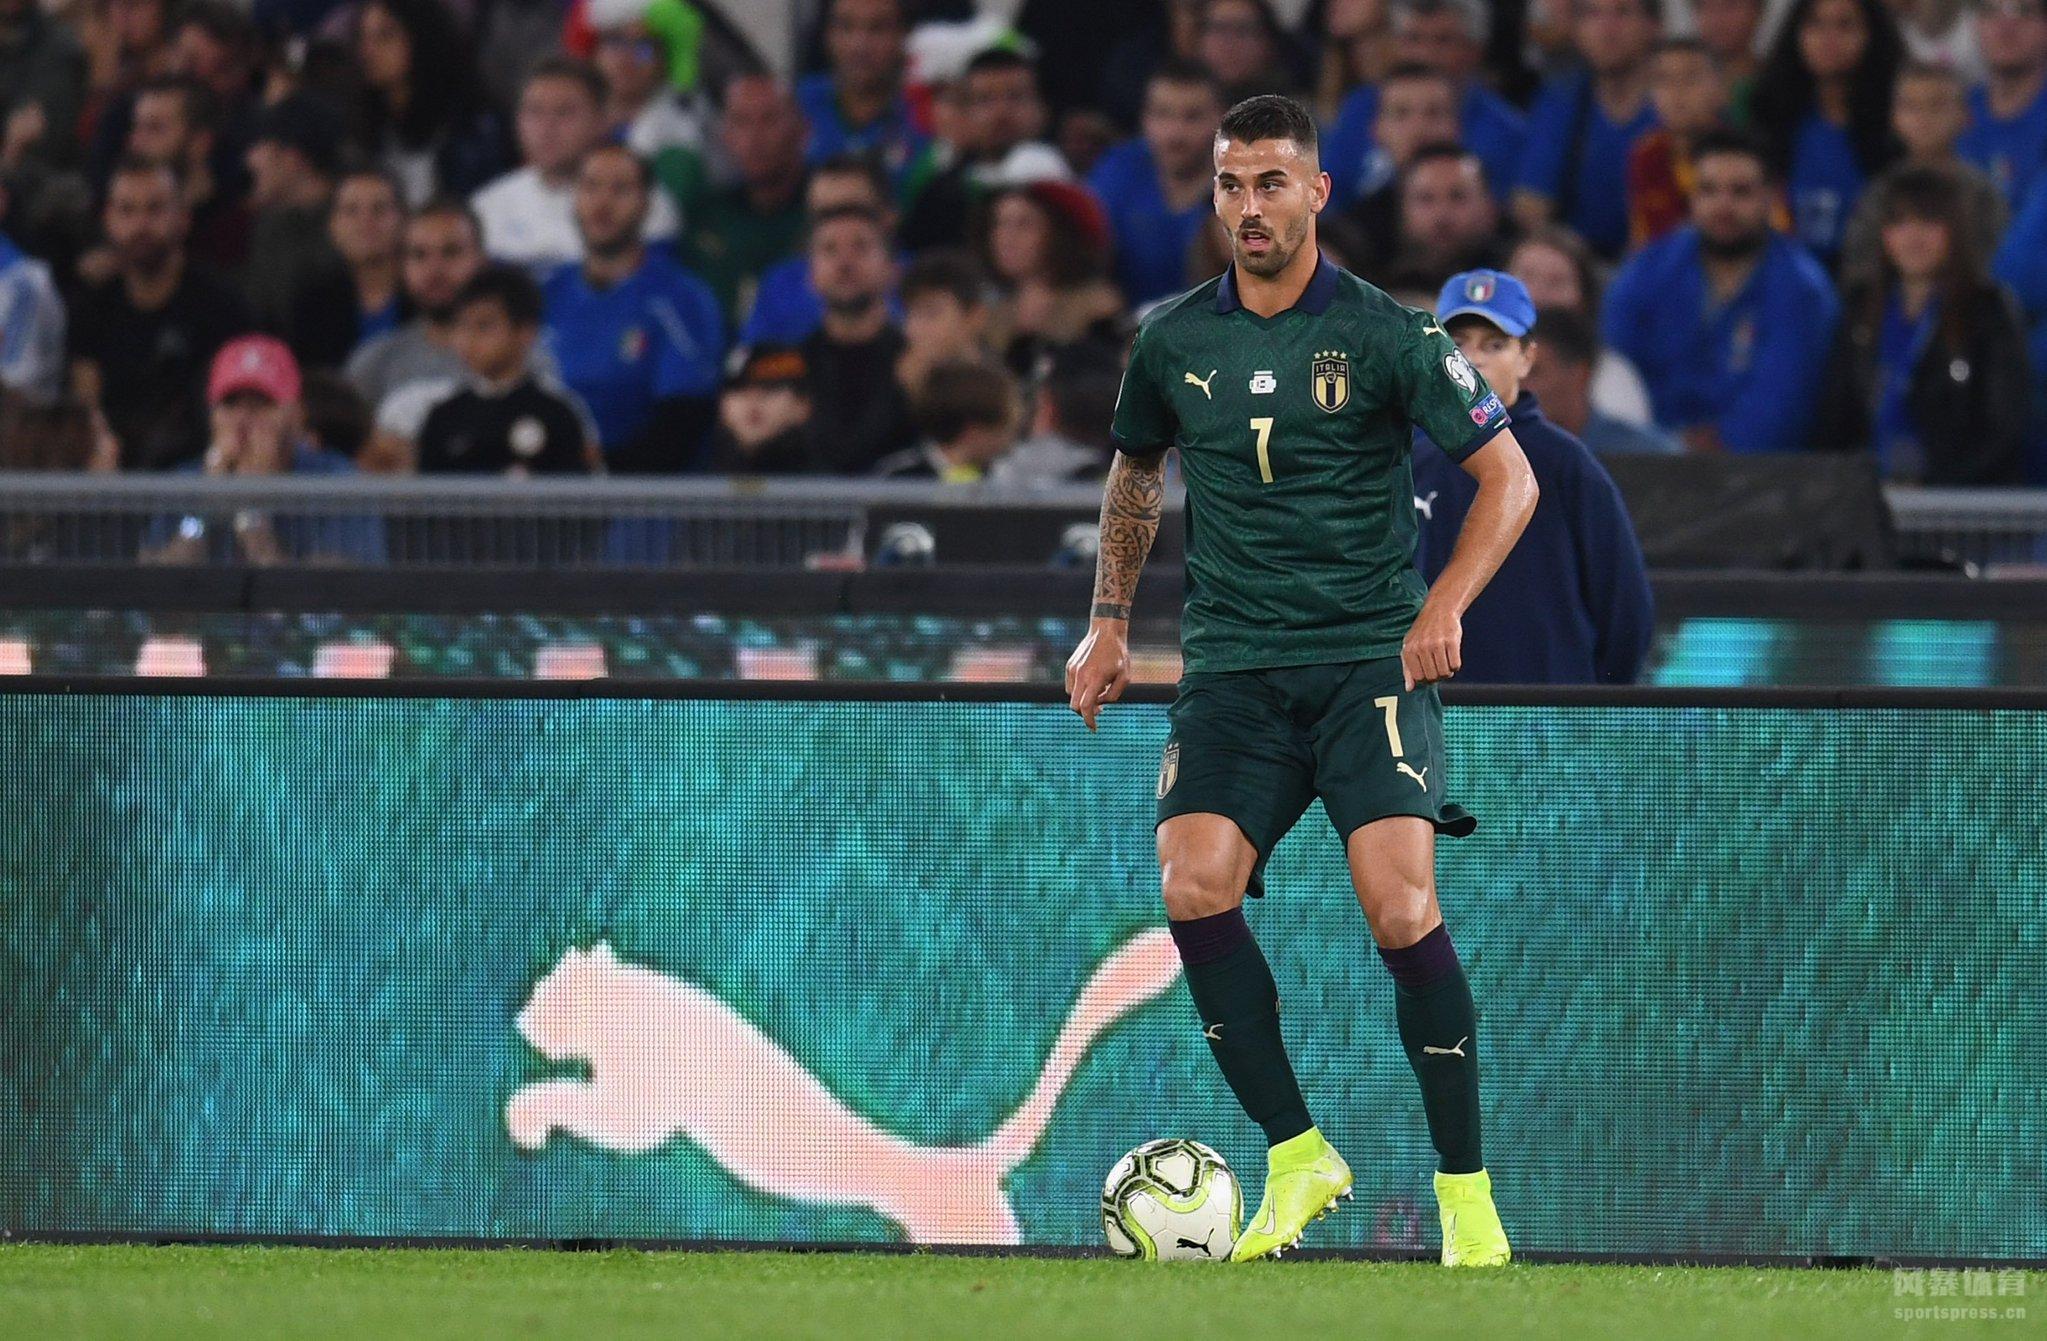 北京时间10月13日凌晨2点45分,欧洲杯预选赛J组一场比赛准时打响,由意大利主场迎战希腊。上半场双方均无建树,意大利稍占场面优势。下半场因西涅造点,若鸟主罚命中,随后贝纳德斯基扩大领先优势。全场战罢,意大利2-0击败希腊,目前以7连胜领跑。